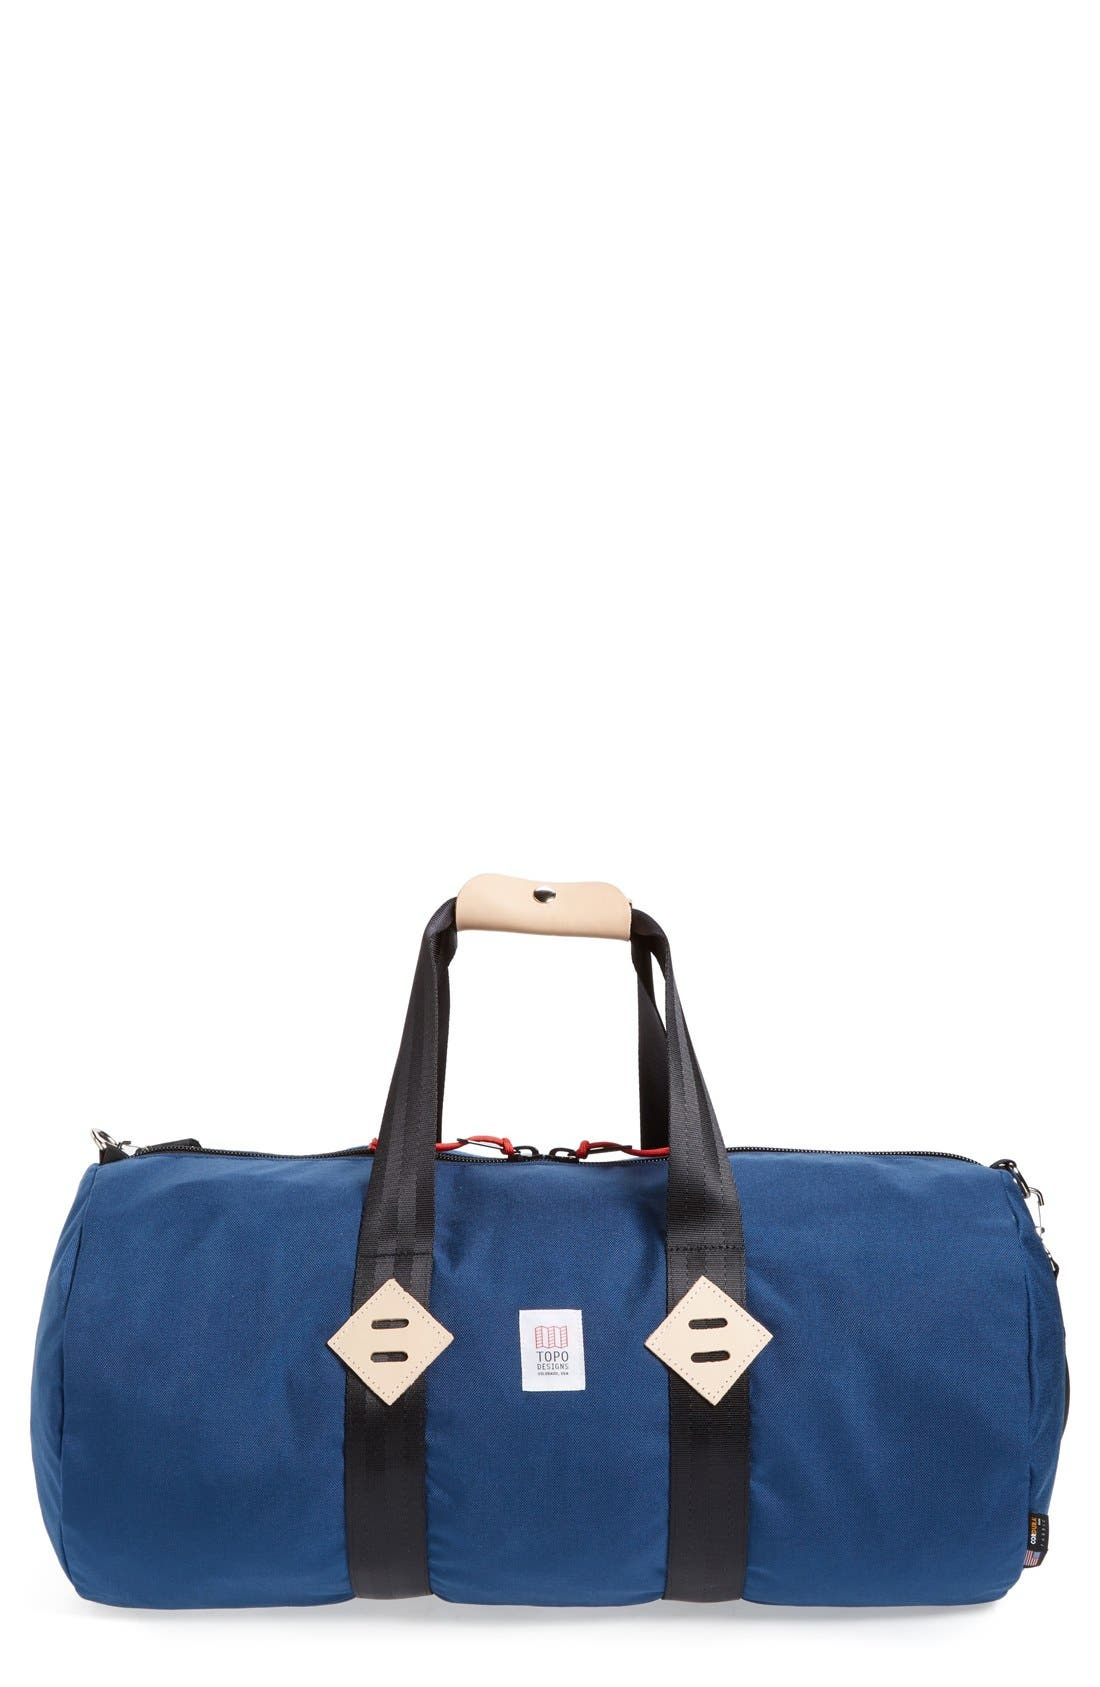 Alternate Image 1 Selected - Topo Designs Classic Duffel Bag